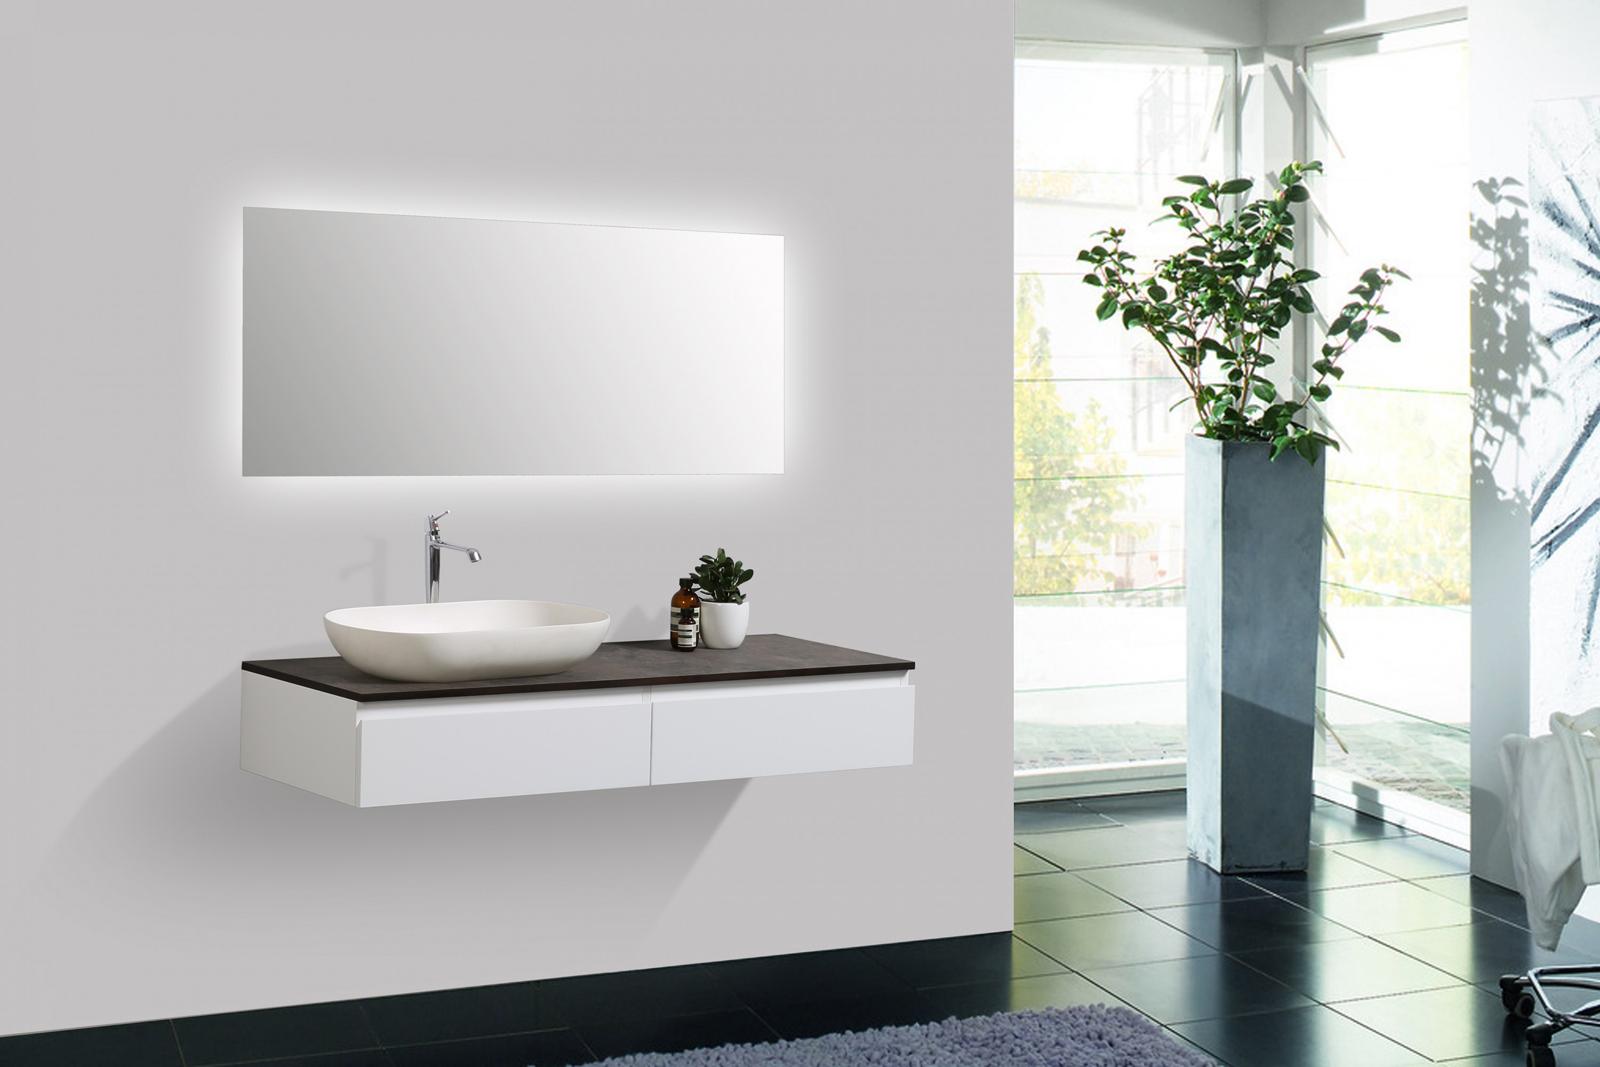 badm bel vision 120 cm wei spiegel aufsatzwaschbecken unterschrank waschtisch ebay. Black Bedroom Furniture Sets. Home Design Ideas